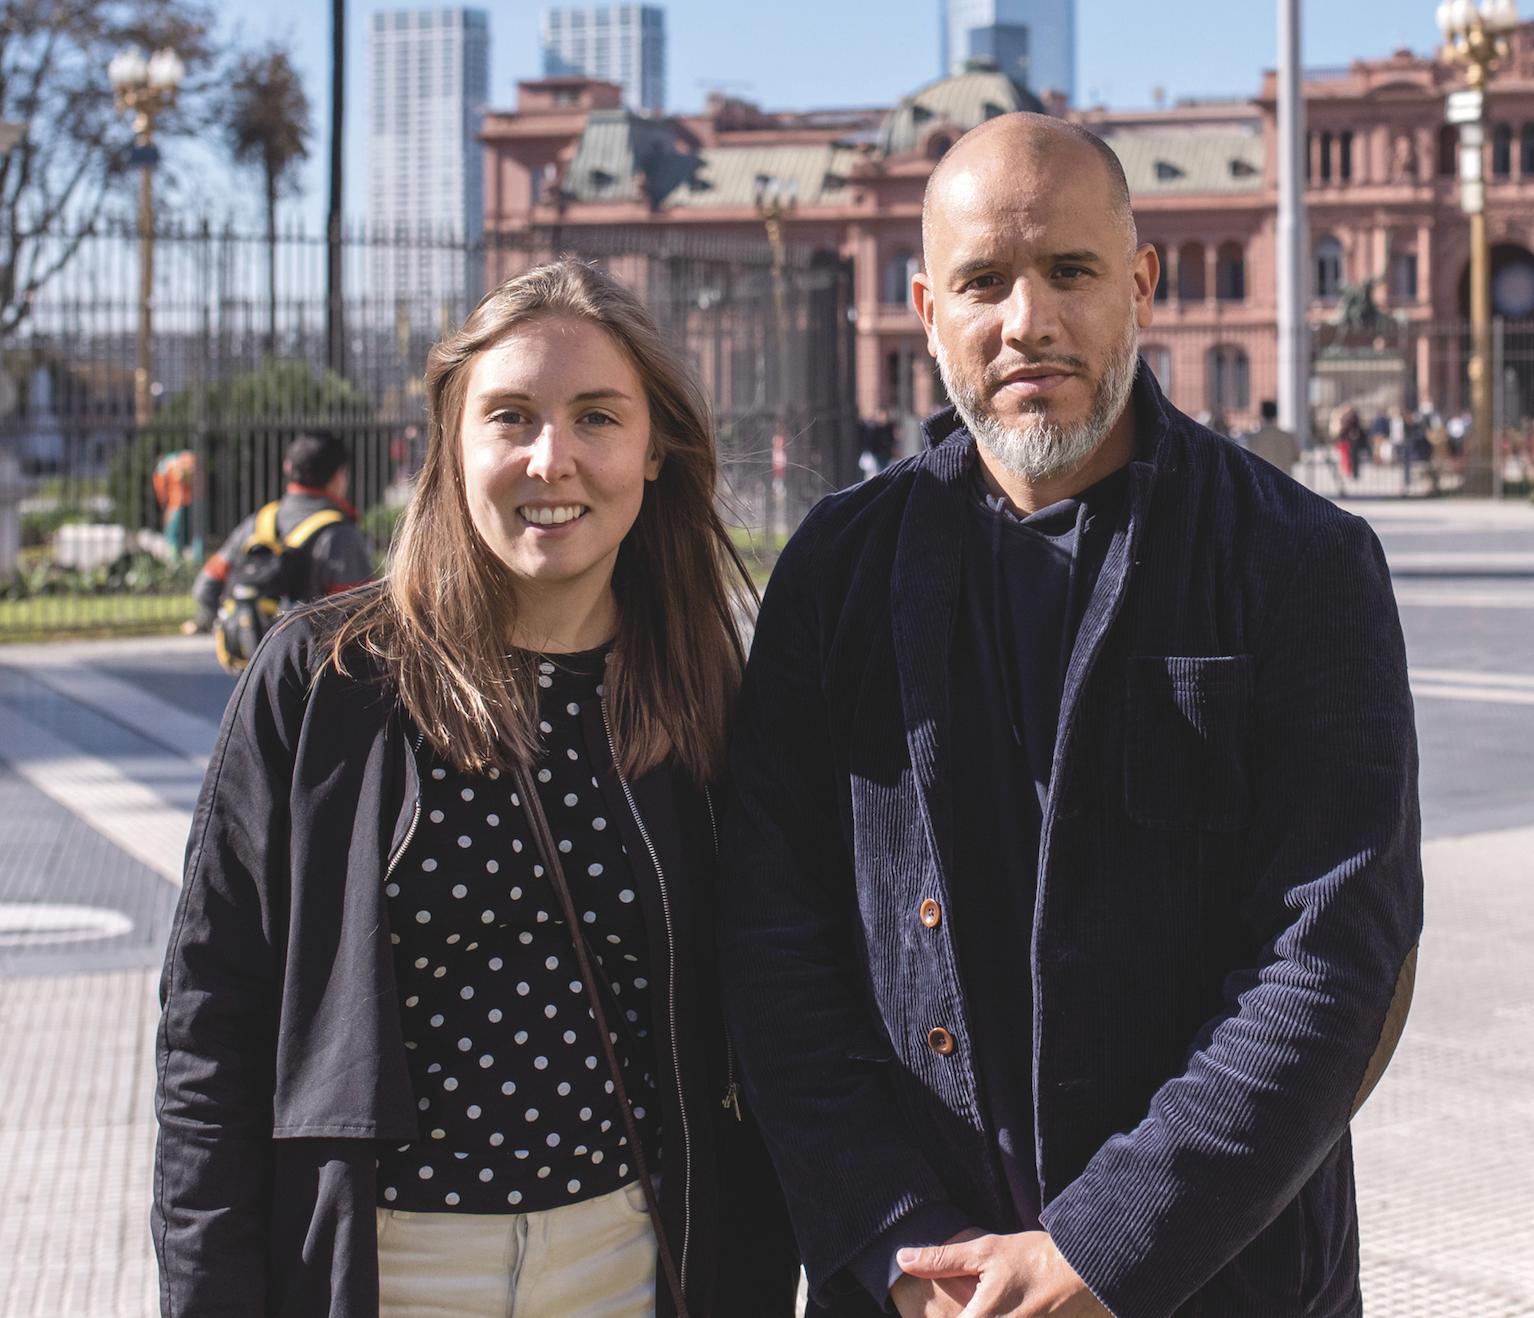 Skolvärldens reporter Katarina Sandberg och fotograf Felipe Morales på plats i Argentina.